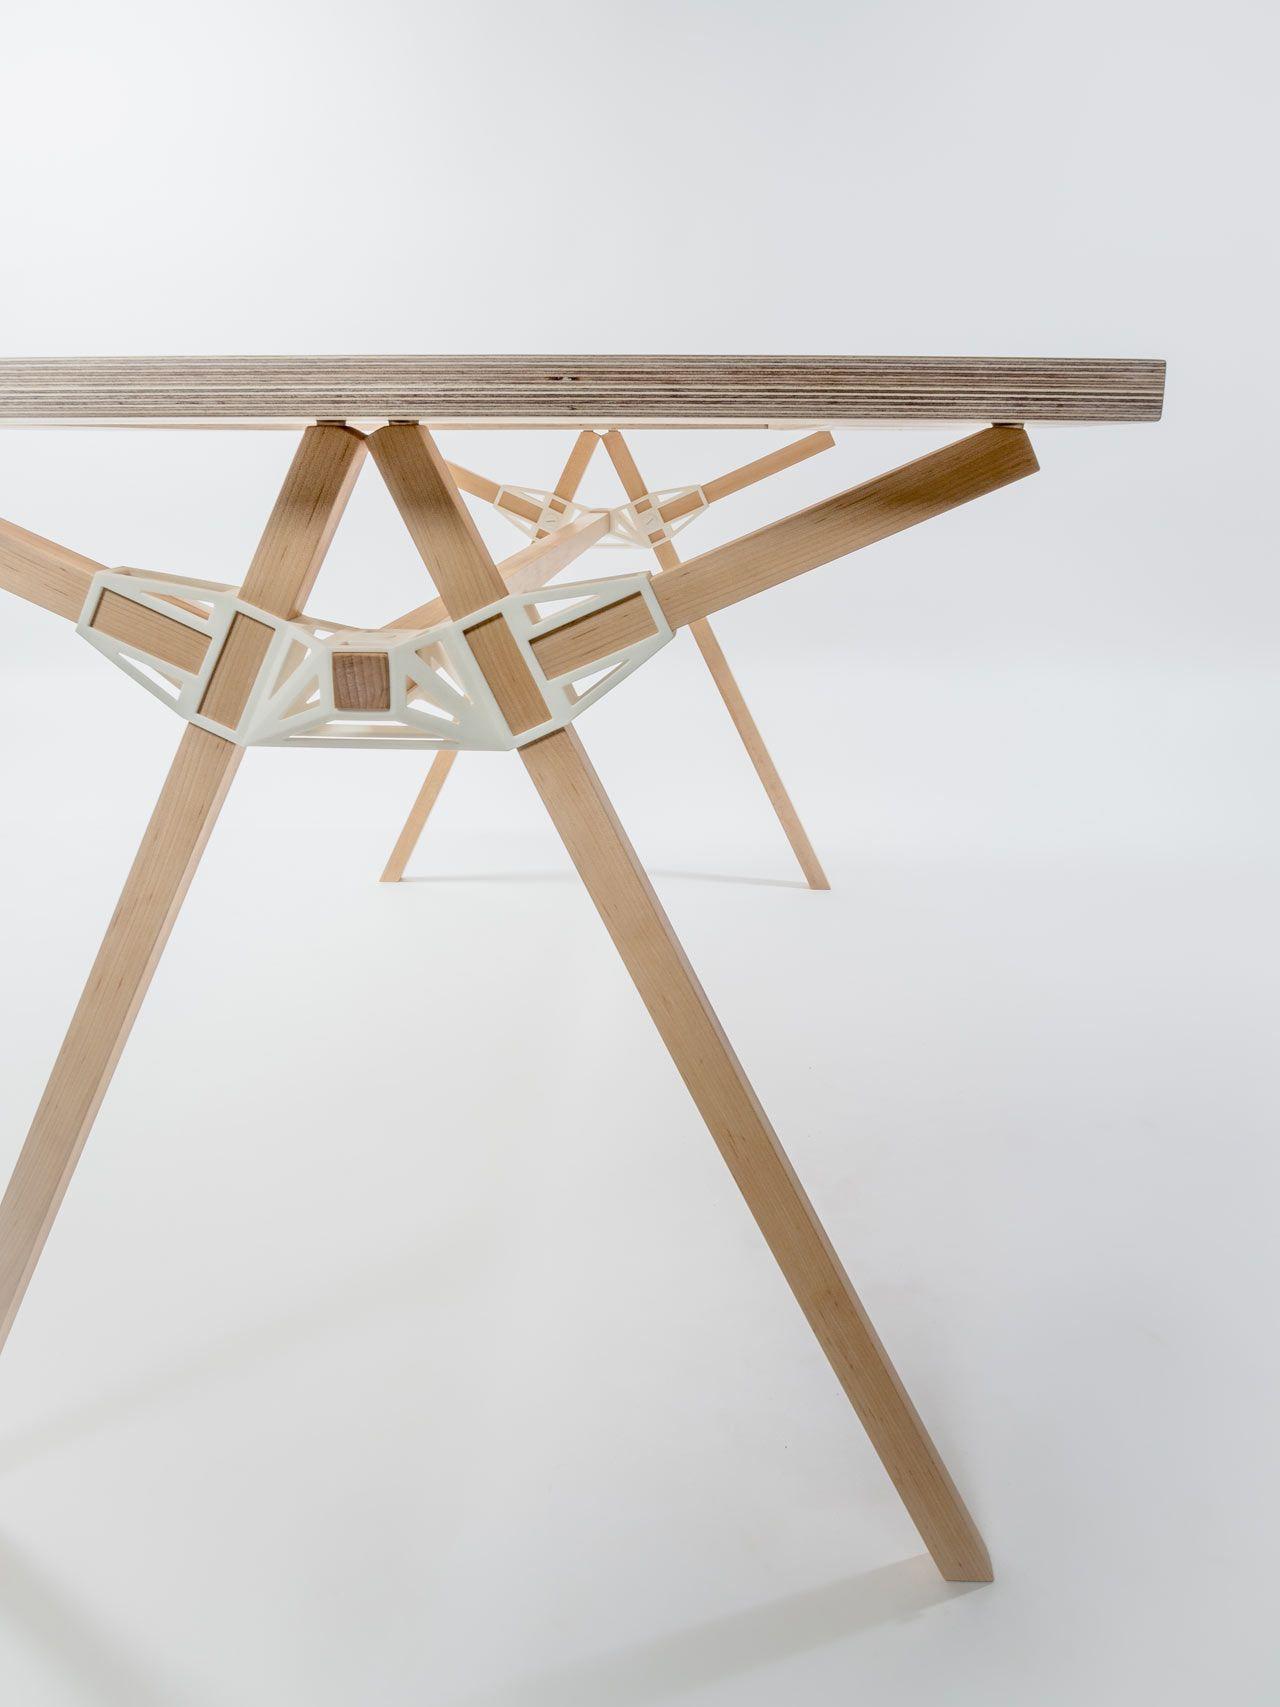 studio-minale-maeda_keystones_04 | la artesanal, industrial y 3d - Disenar Muebles 3d